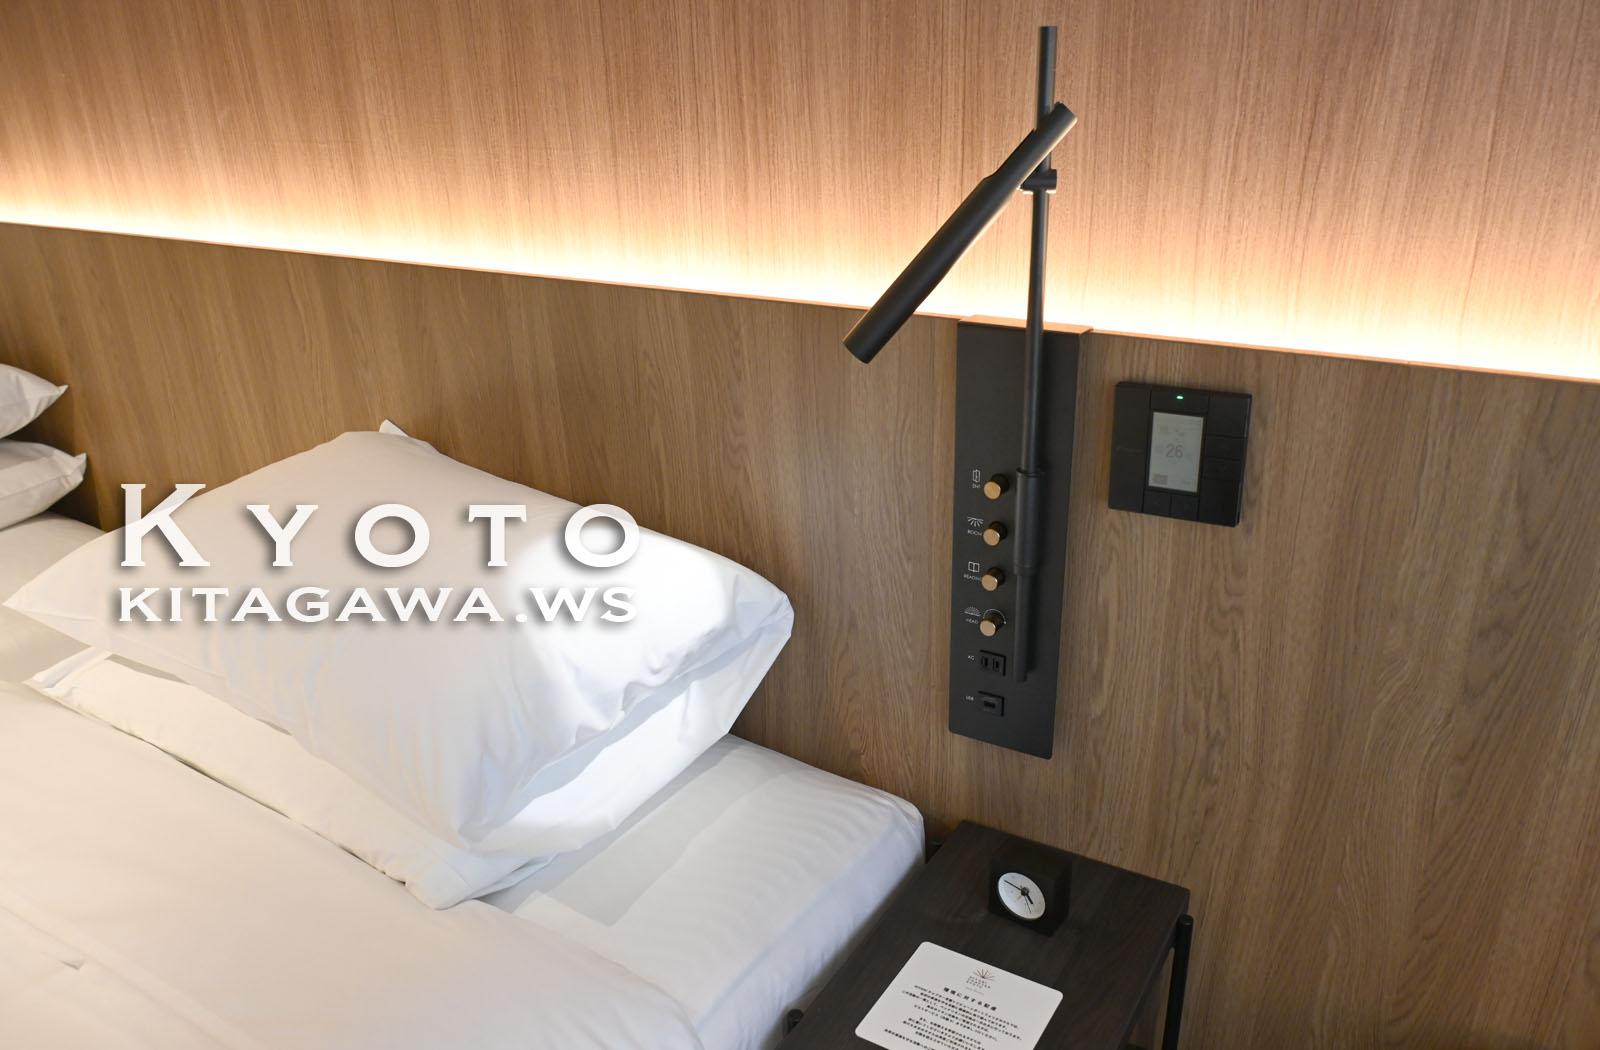 ヒヨリチャプター京都ホテル